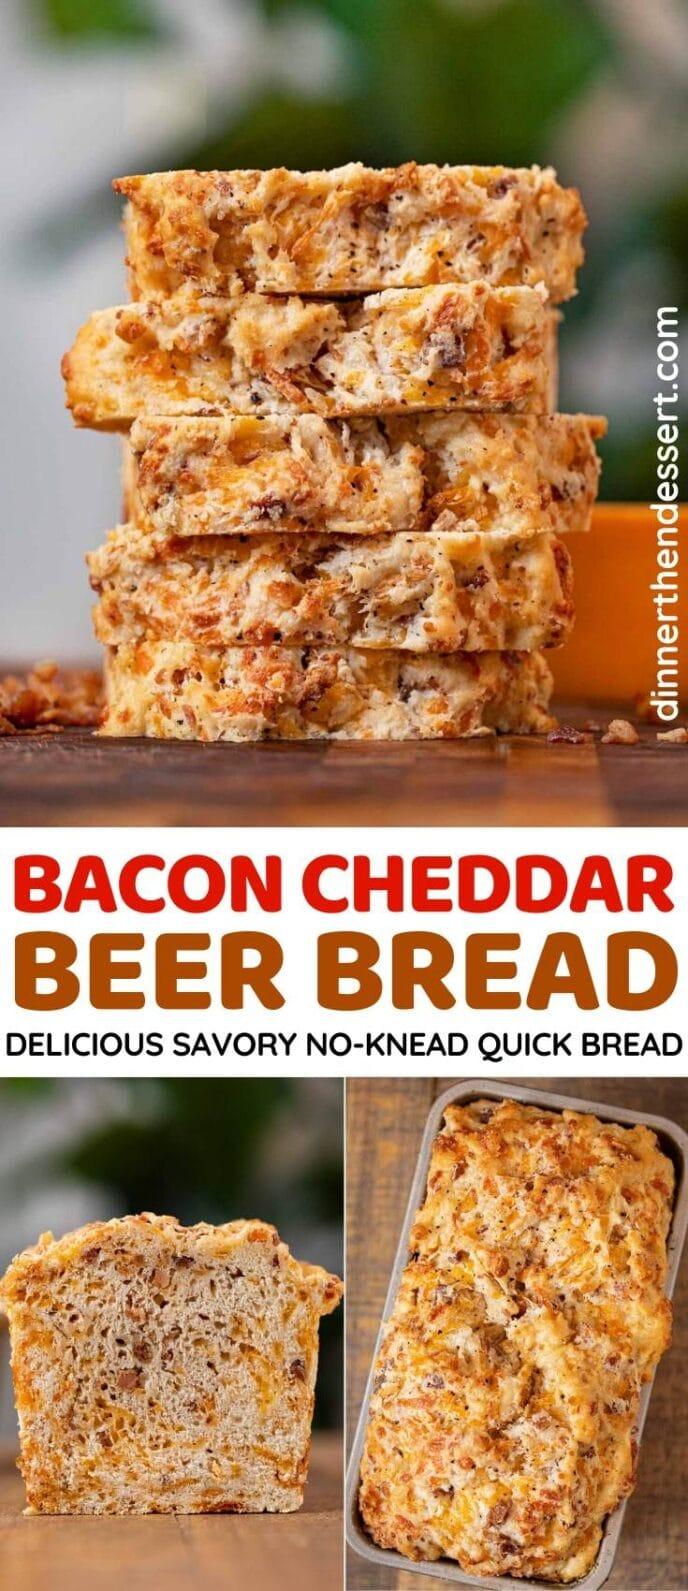 Bacon Cheddar Beer Bread collage